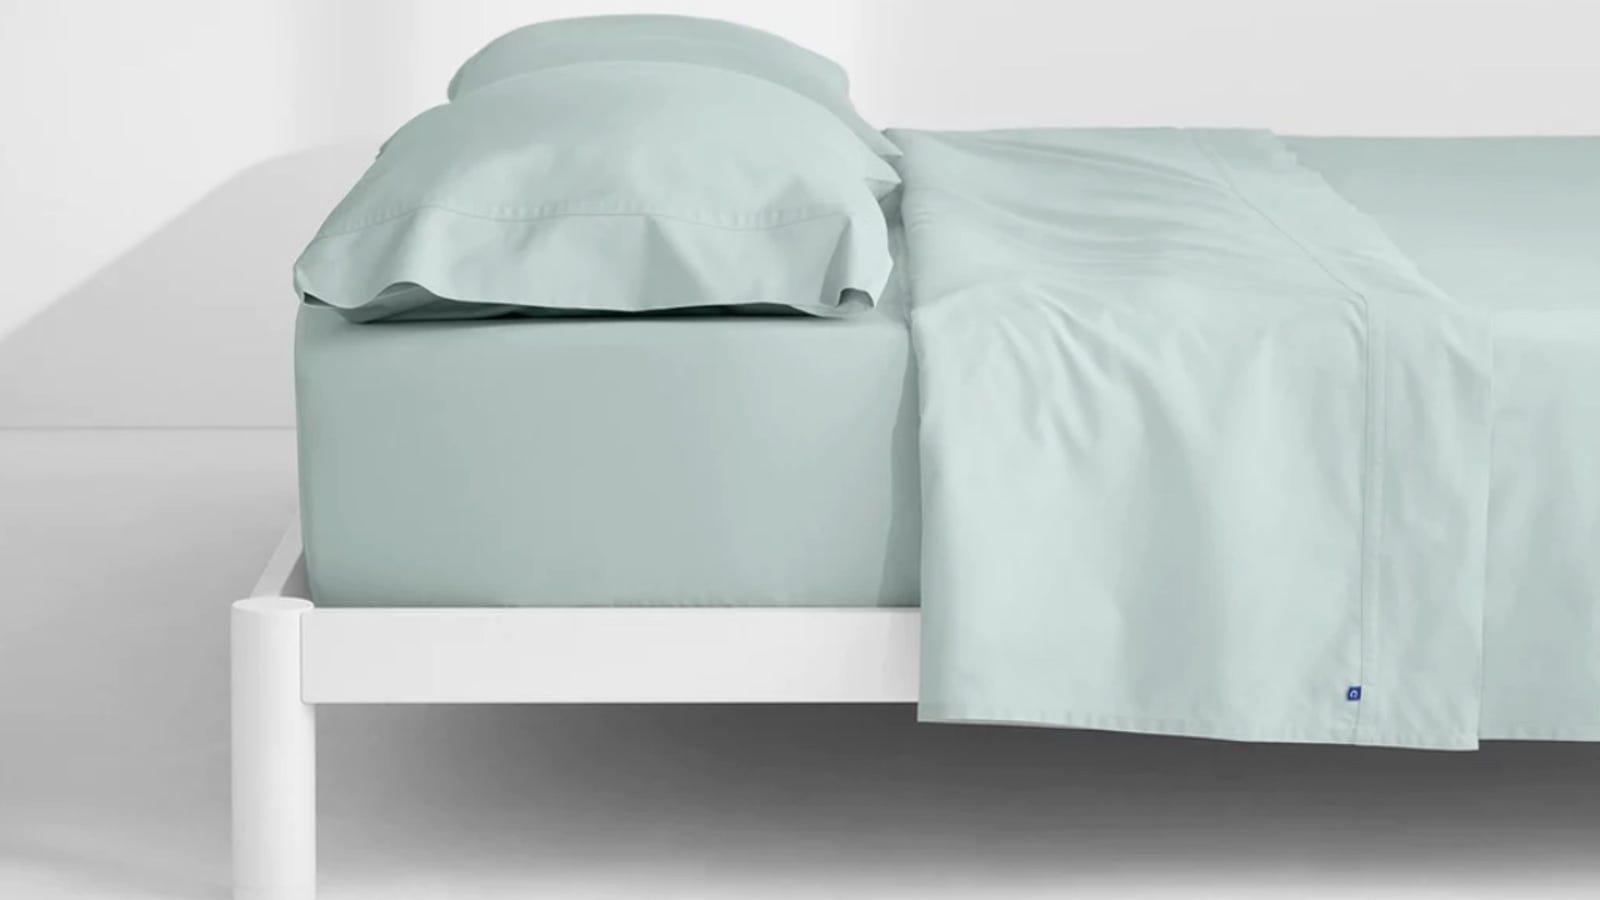 Casper Weightless Cotton sheet set, $75 and up